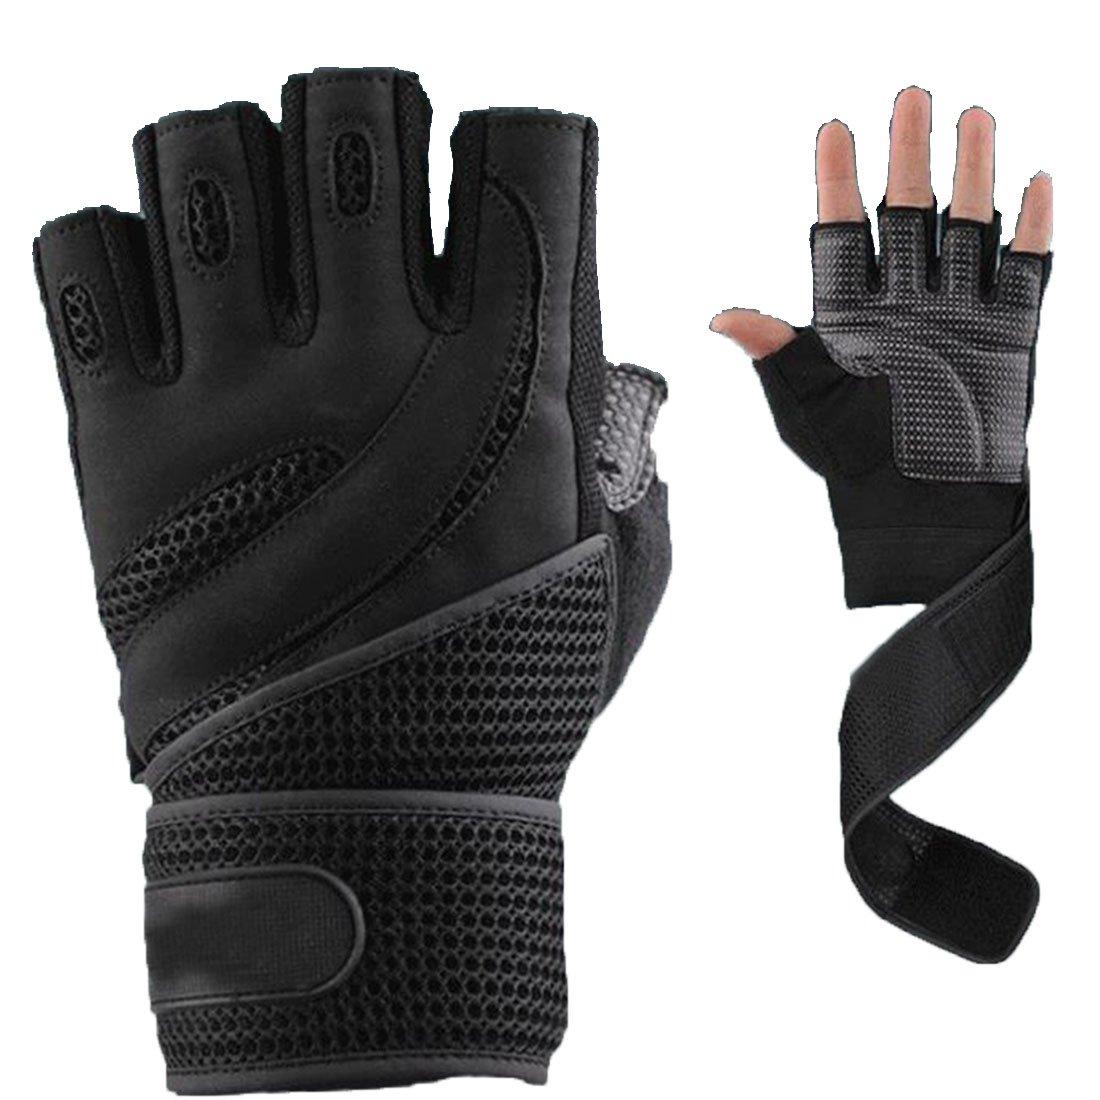 Sécurité des sports le support Bracelet gants chaud pour barre fixe-Noir M Luwu-Store